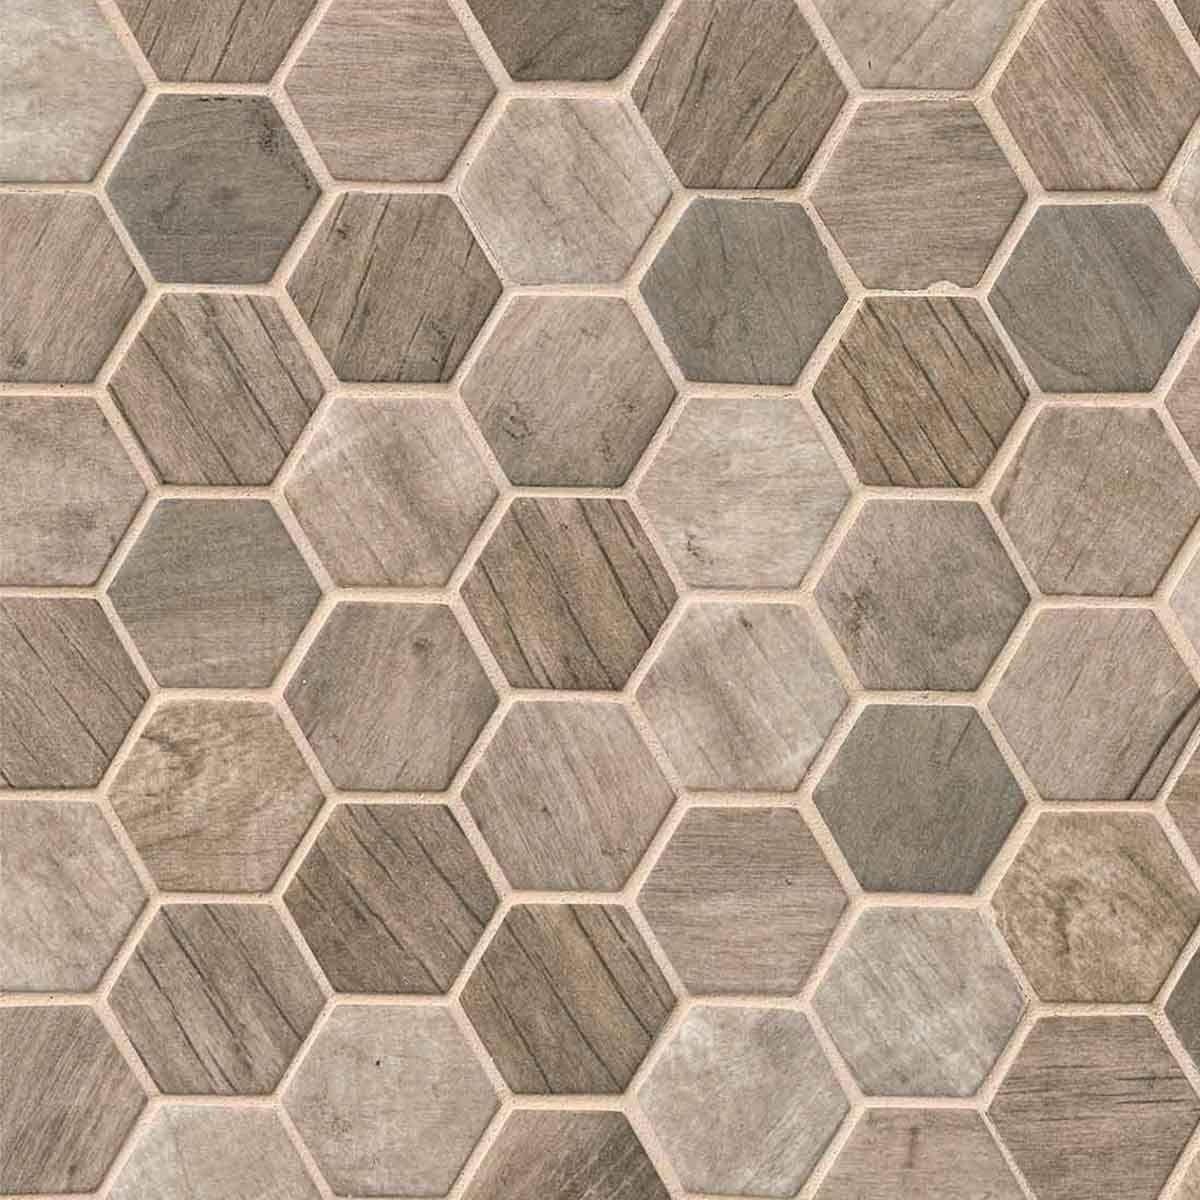 Driftwood 2 Quot Hexagon 6mm Glass Mosaic Tile Glass Mosaic